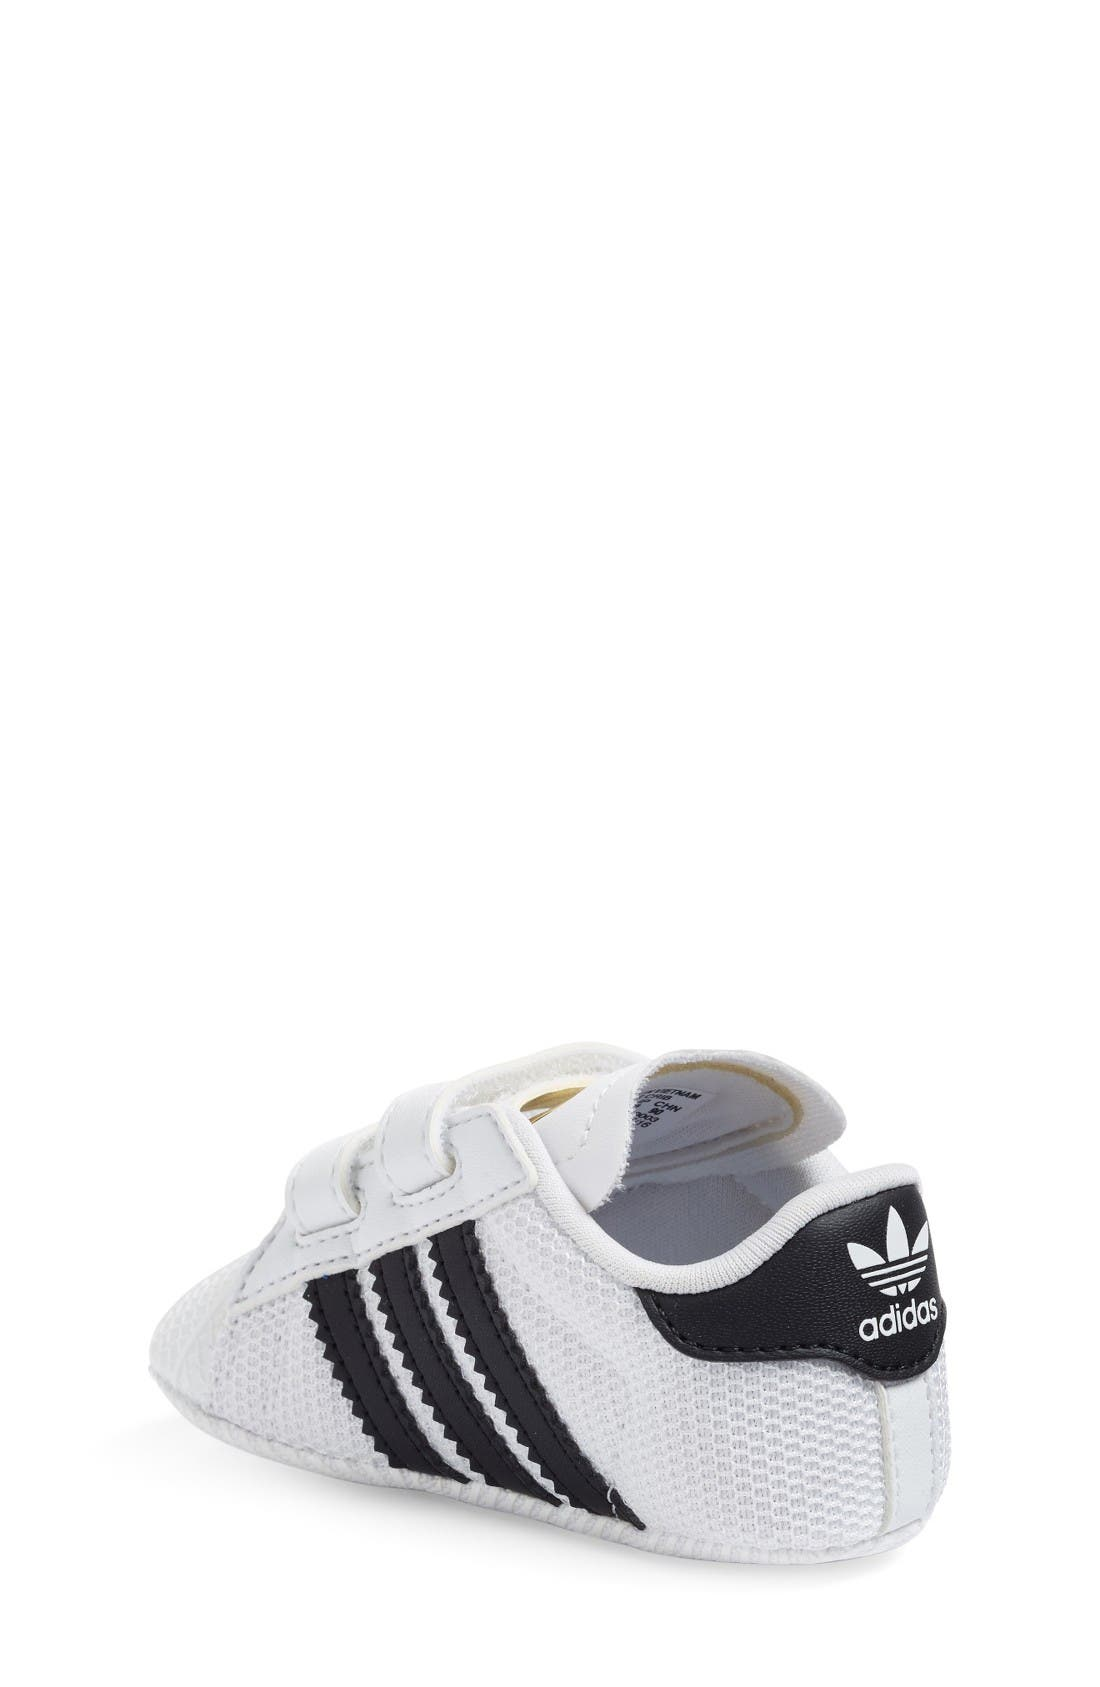 Superstar Sneaker,                             Alternate thumbnail 2, color,                             White/ Black